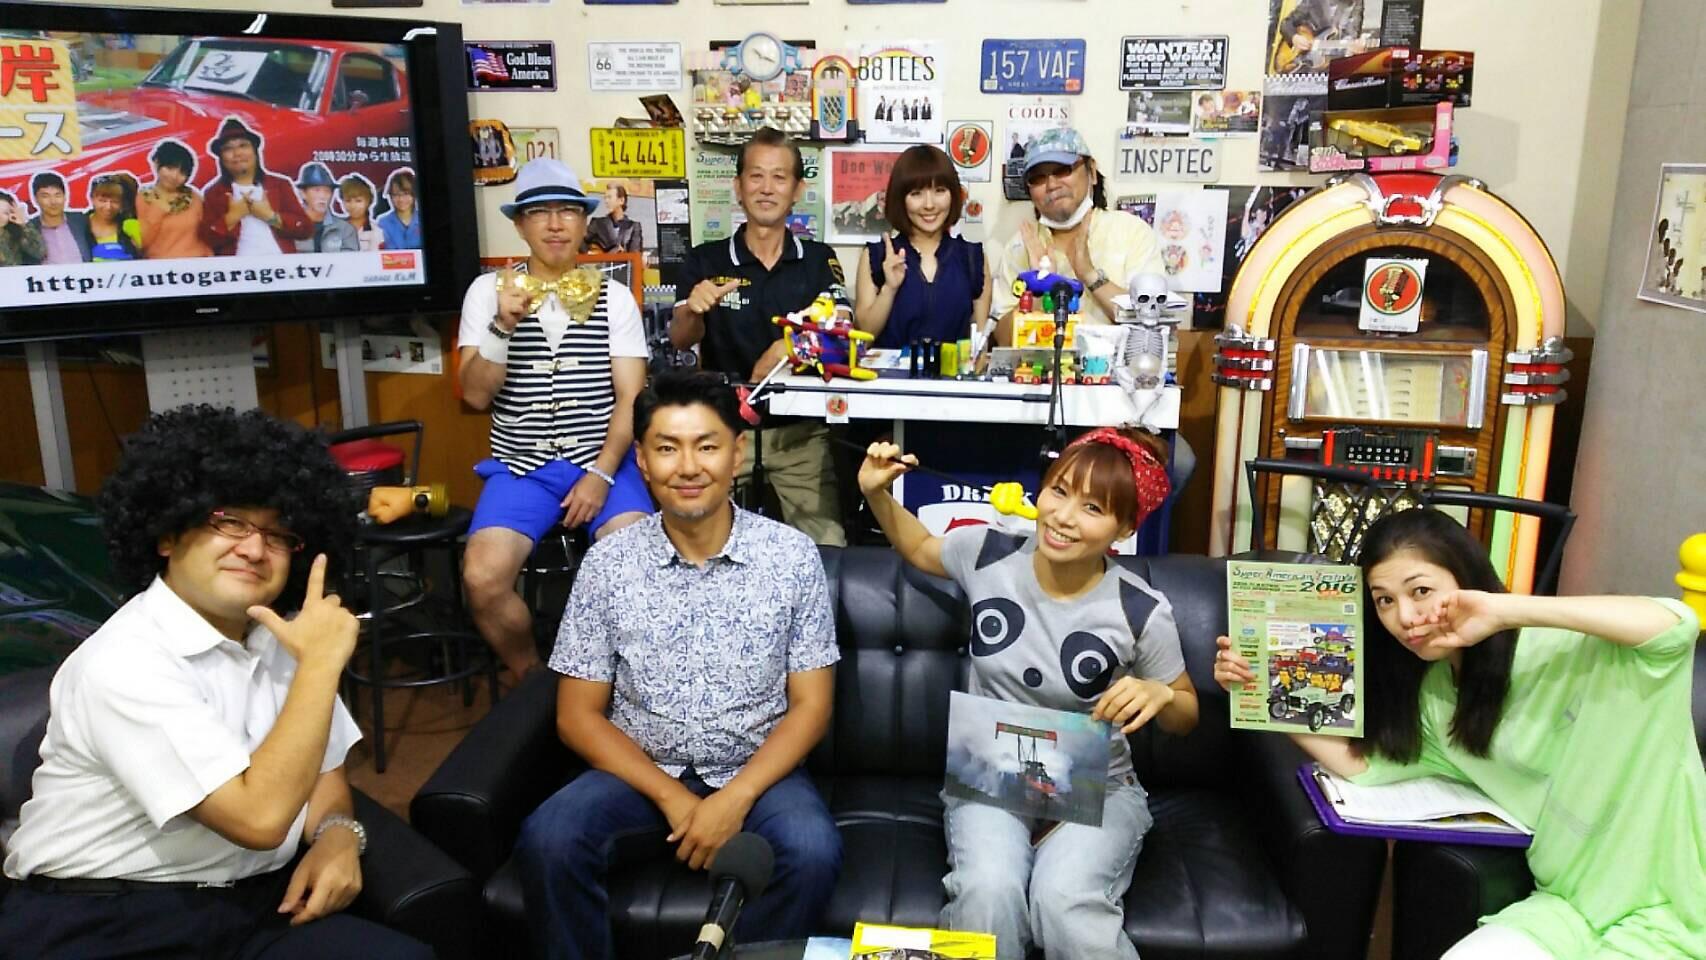 『湾岸ベース』#259(2016年9月1日放送分)